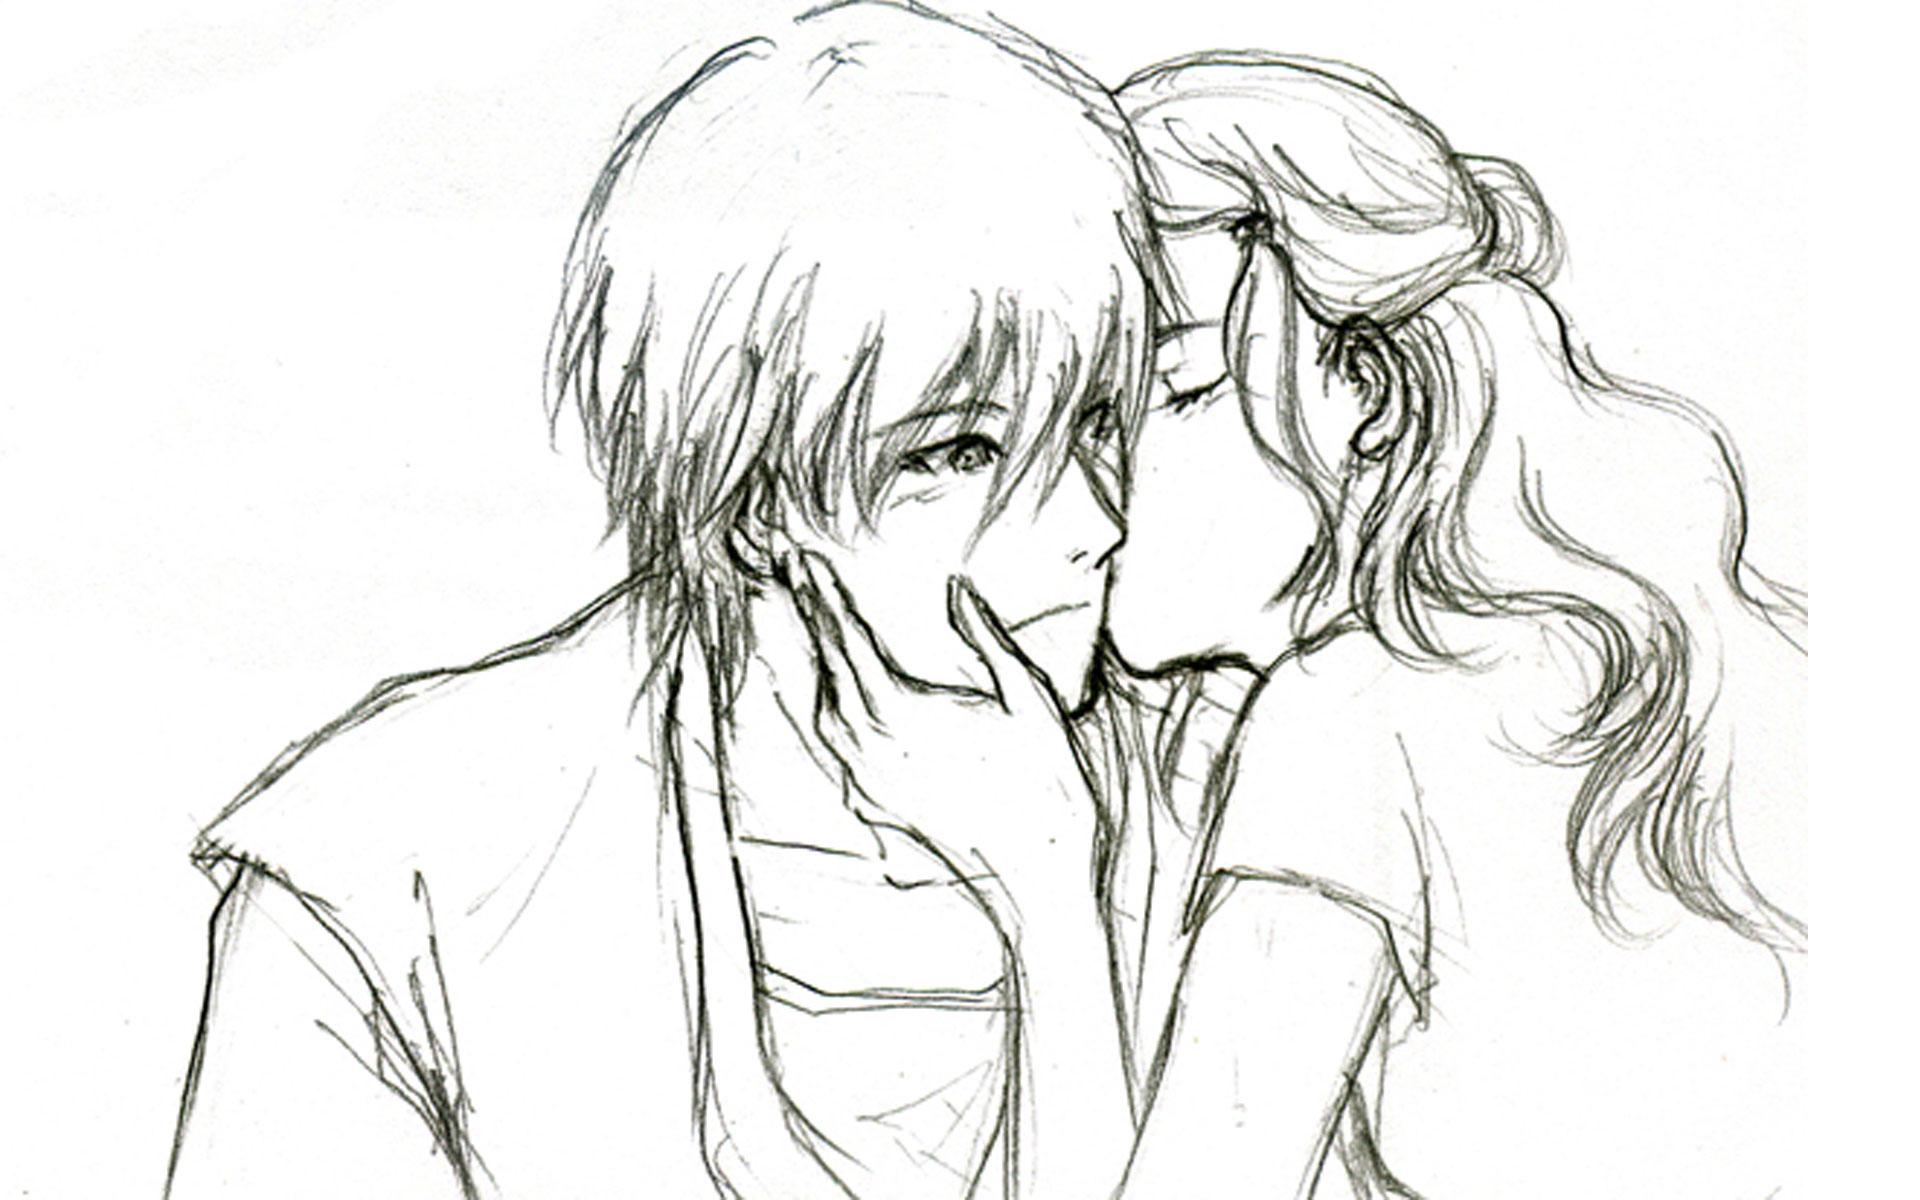 1920x1200 Love Pencil Sketch Cute Love Drawings Pencil Art Hd Romantic